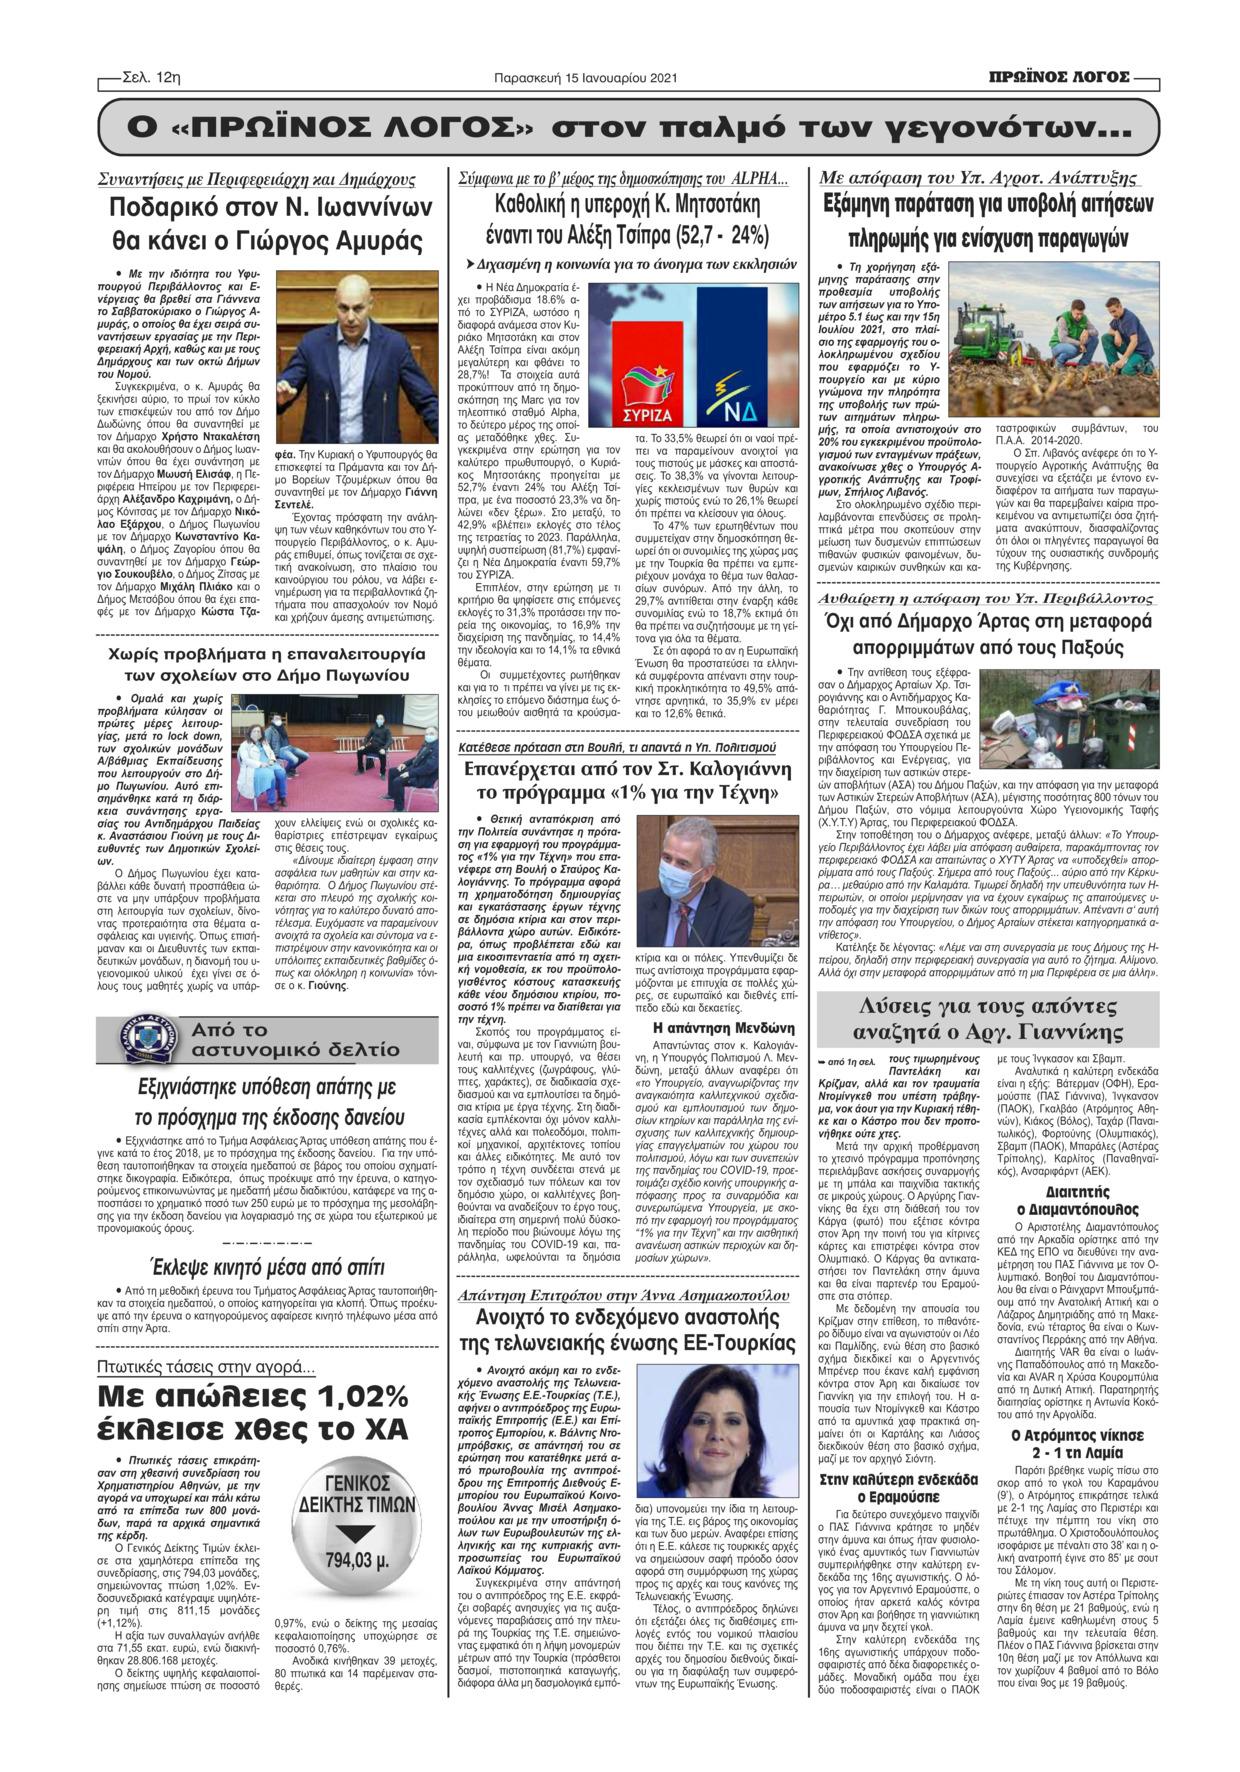 Οπισθόφυλλο εφημερίδας Πρωινός λόγος Ιωαννίνων